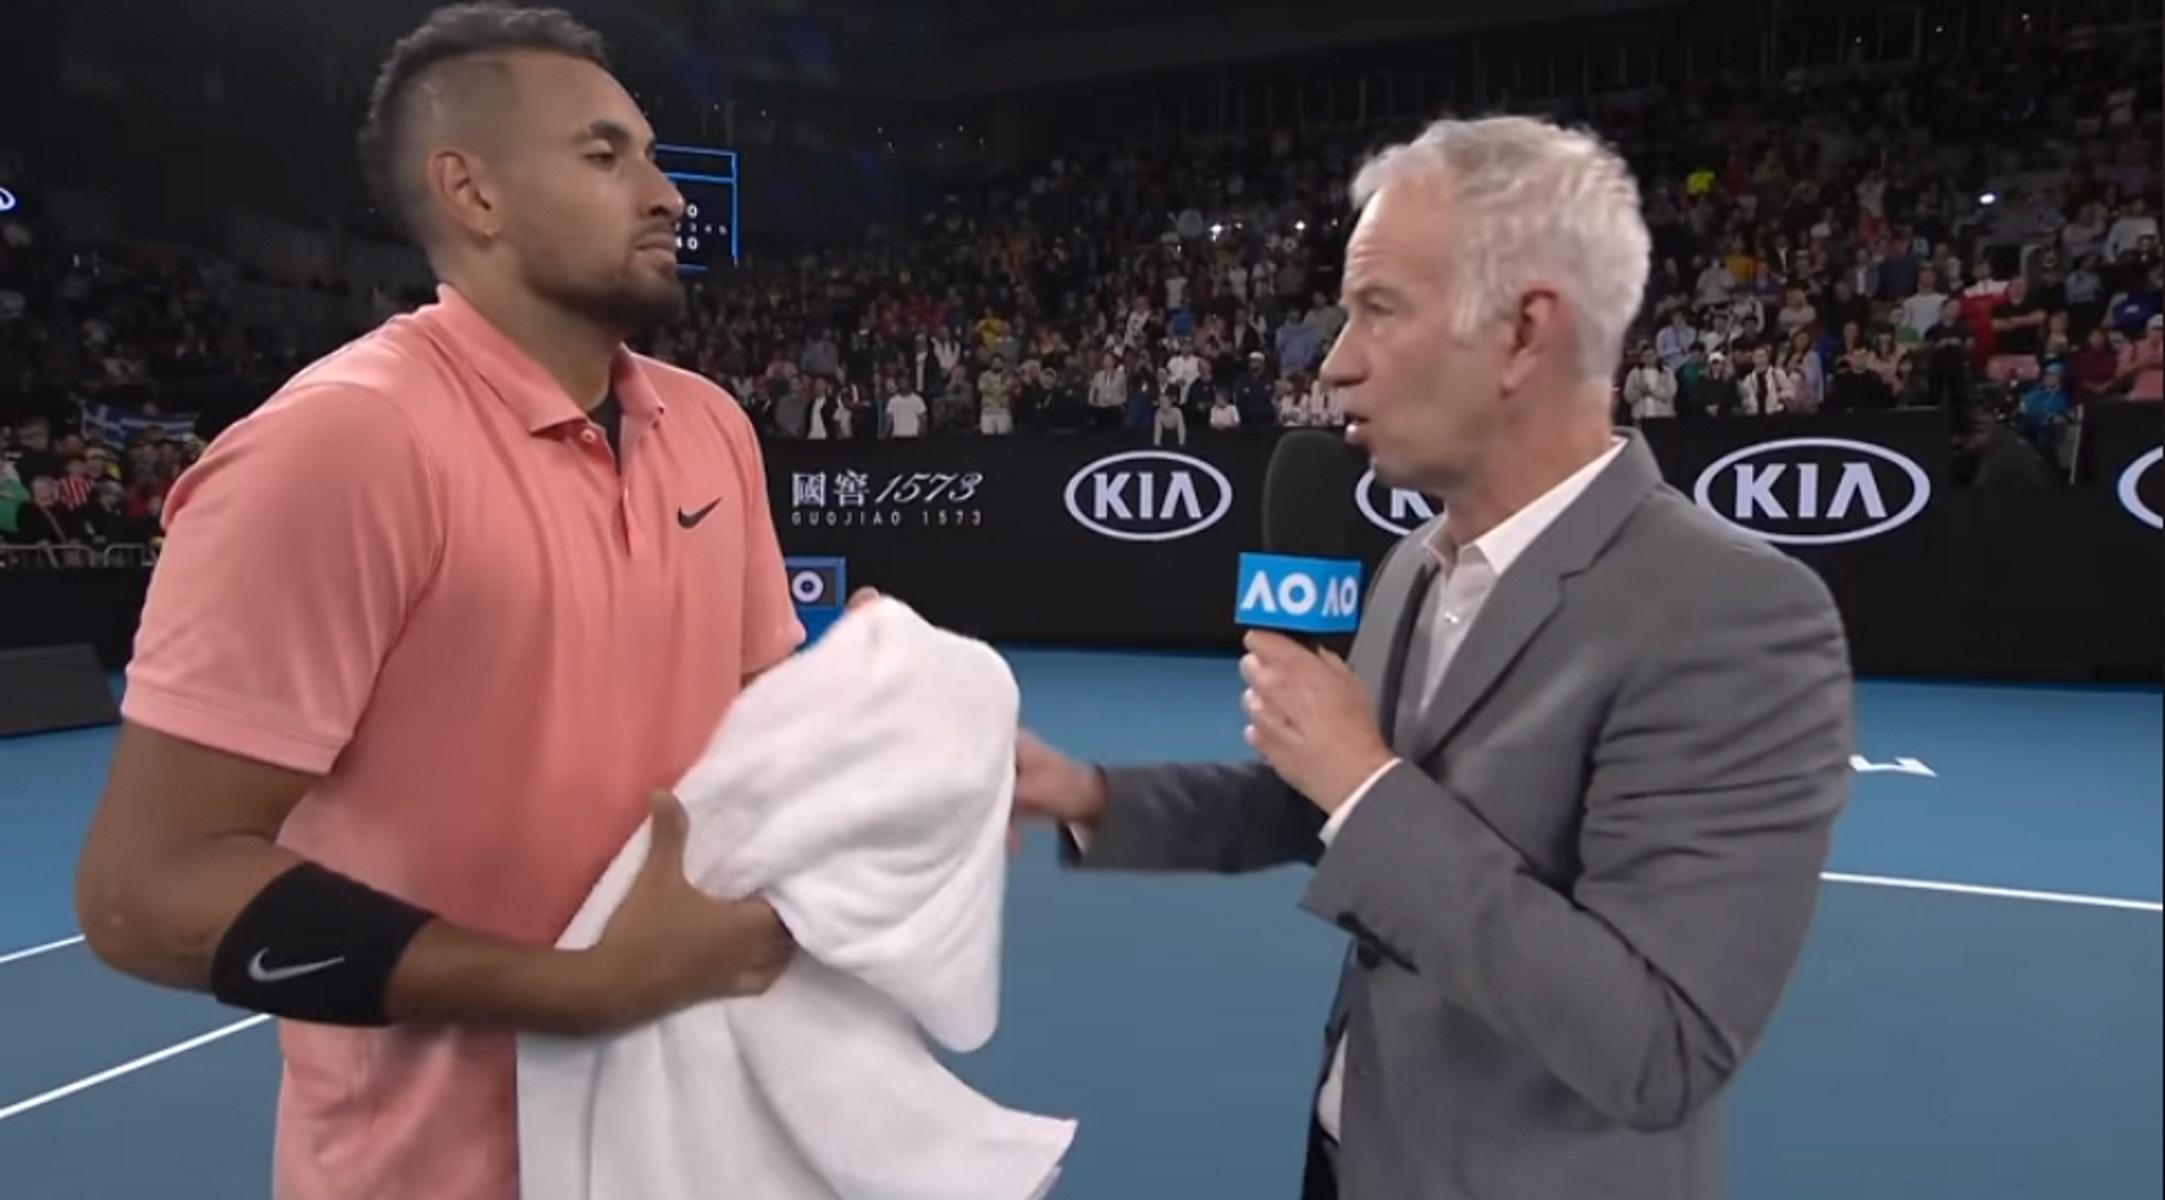 Australian Open: Ο Μάκενρο δίνει 1.000 δολάρια για κάθε κερδισμένο σετ του Κύργιου! (video)